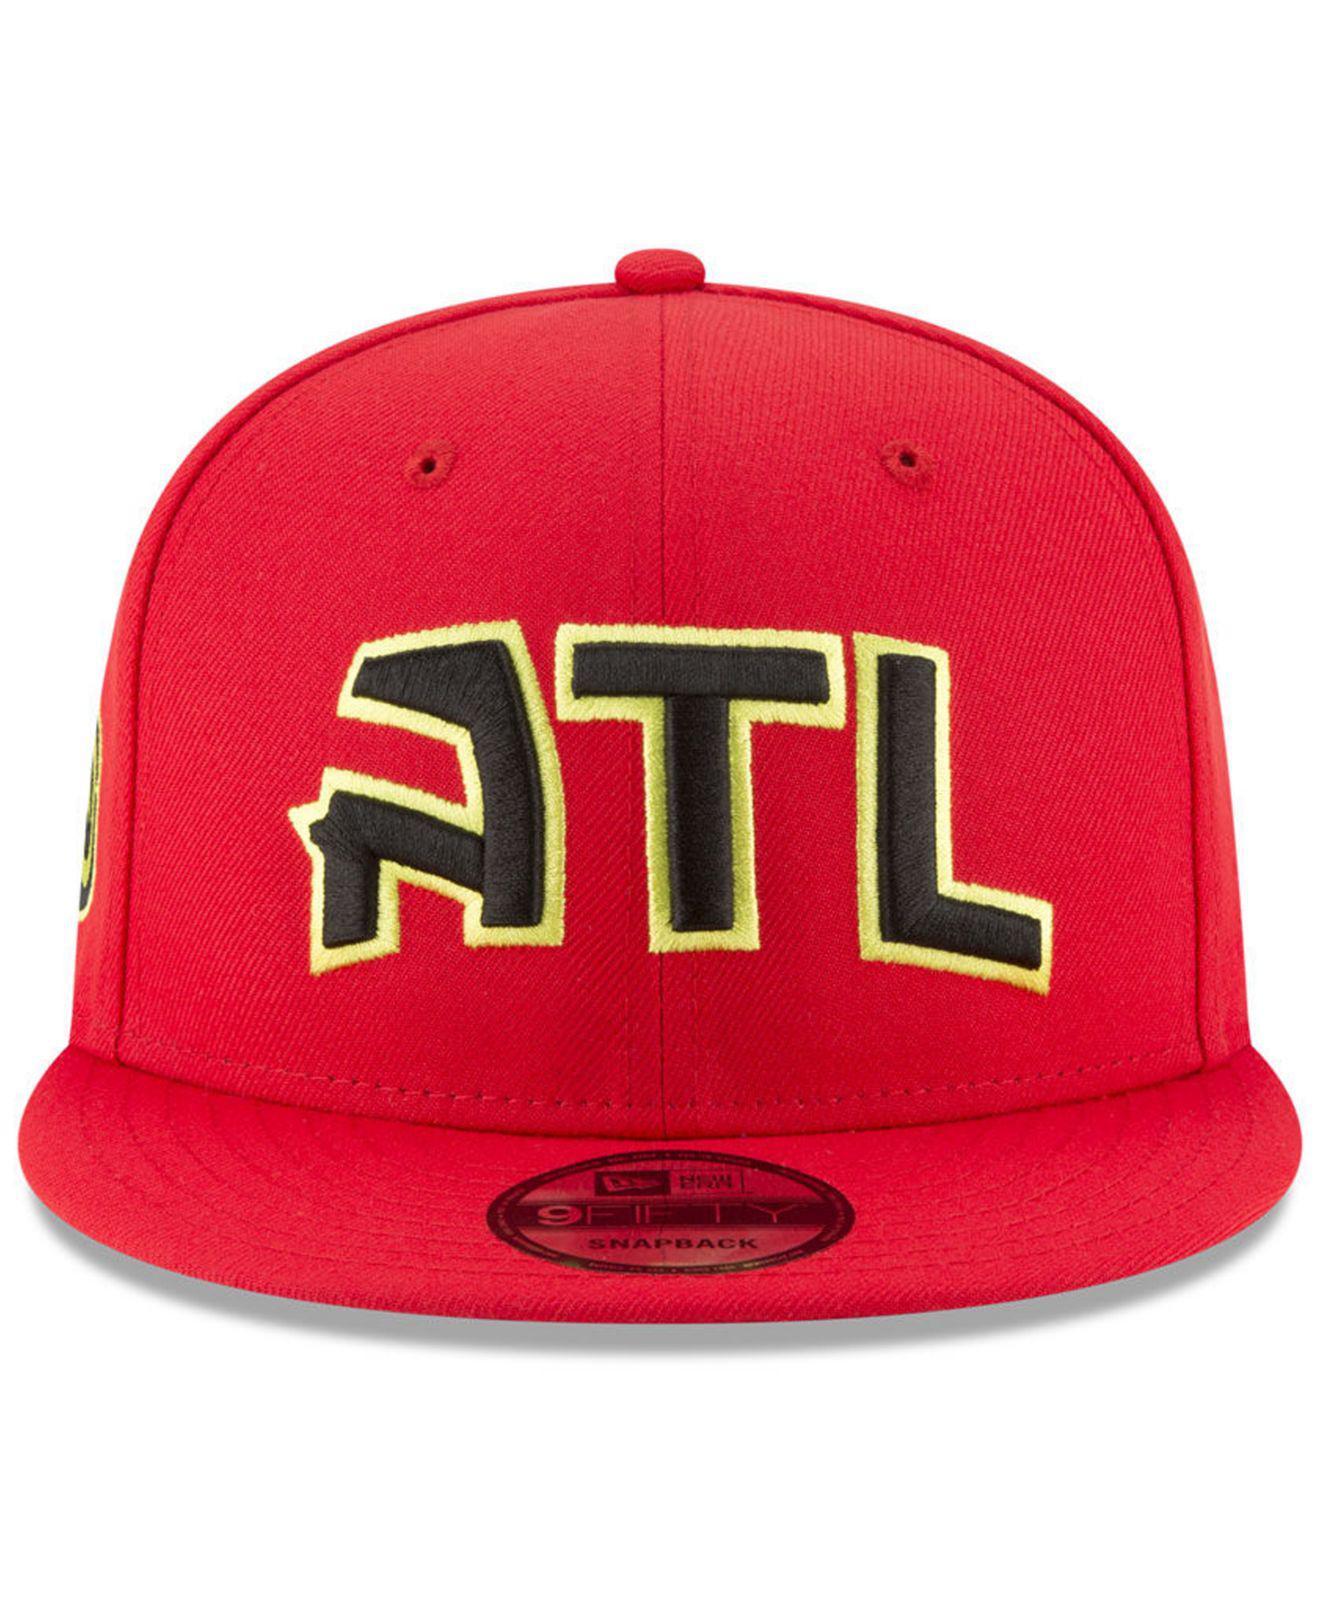 on sale 2b159 ee742 Lyst - KTZ Atlanta Hawks Statement Jersey Hook 9fifty Snapback Cap in Red  for Men